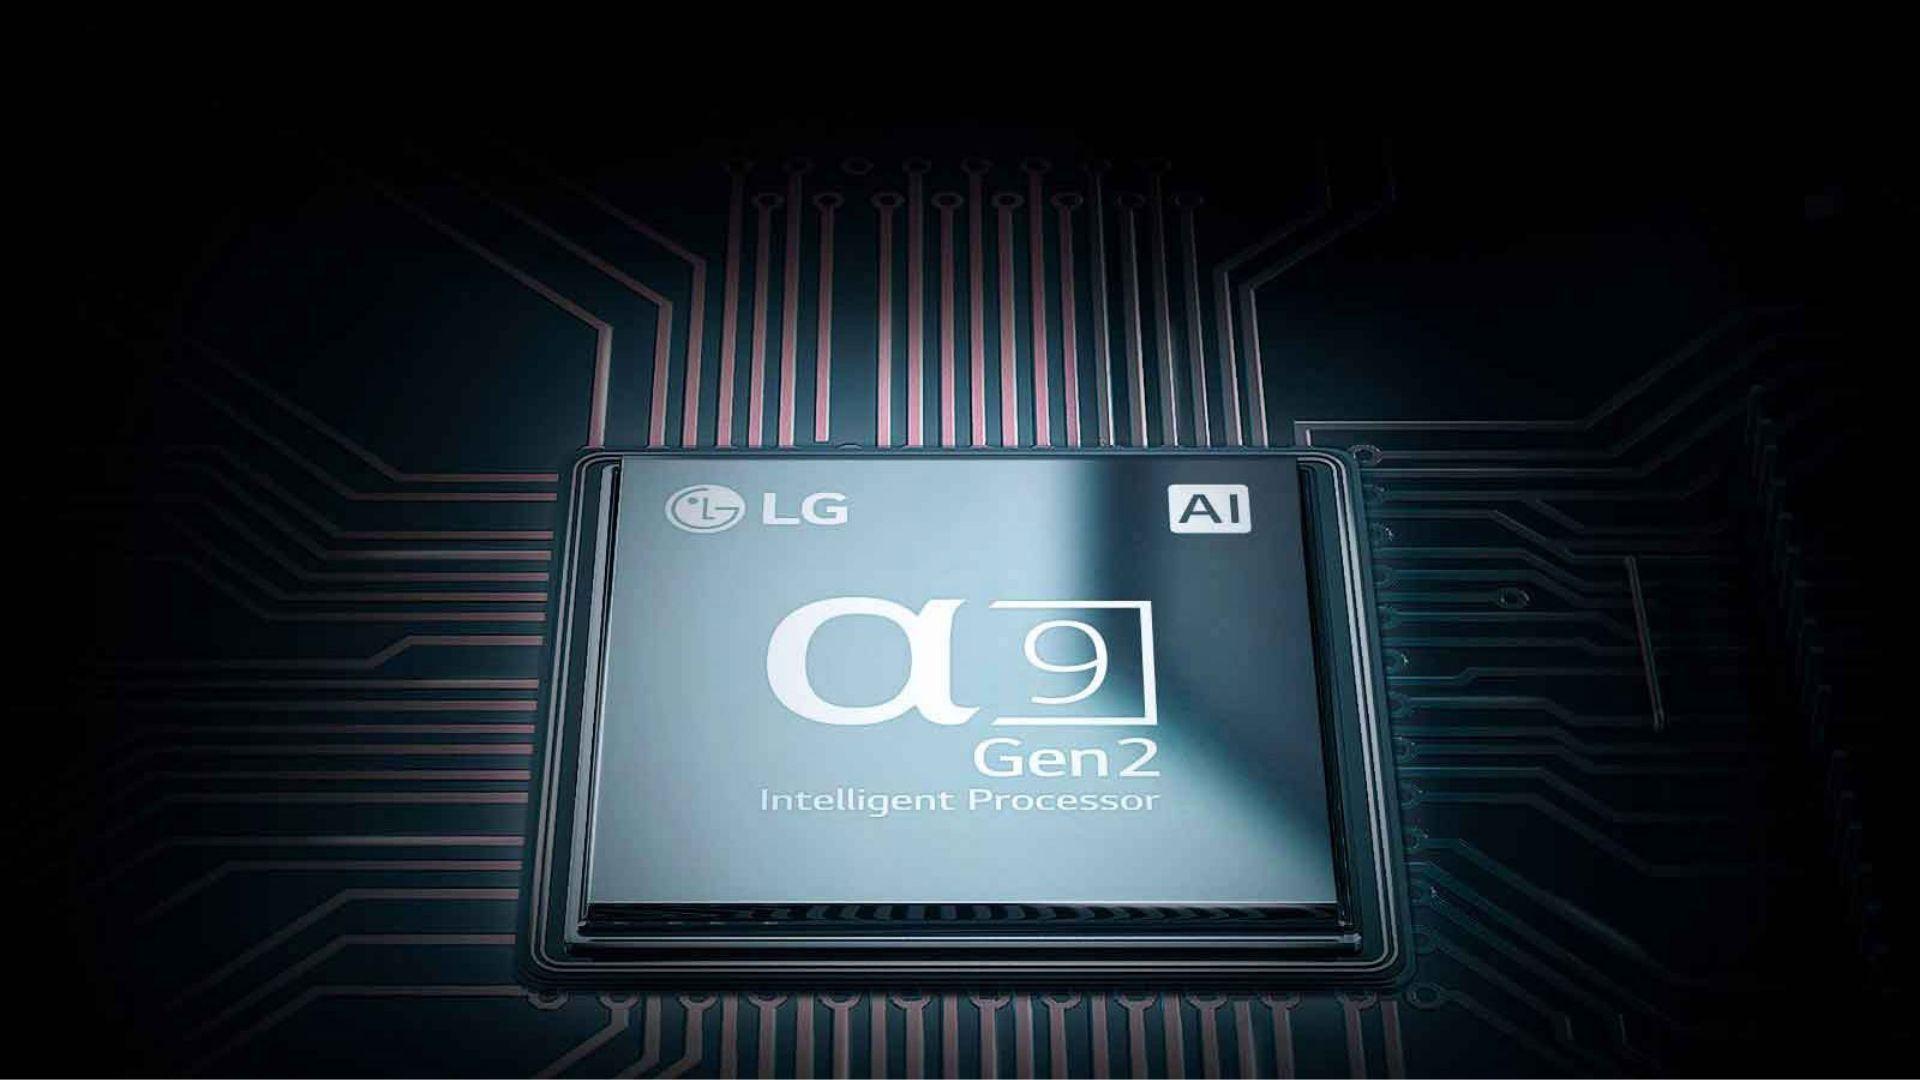 O processador da LG C9 é um dos mais modernos e eficientes do mercado. (Imagem: Divulgação/LG)